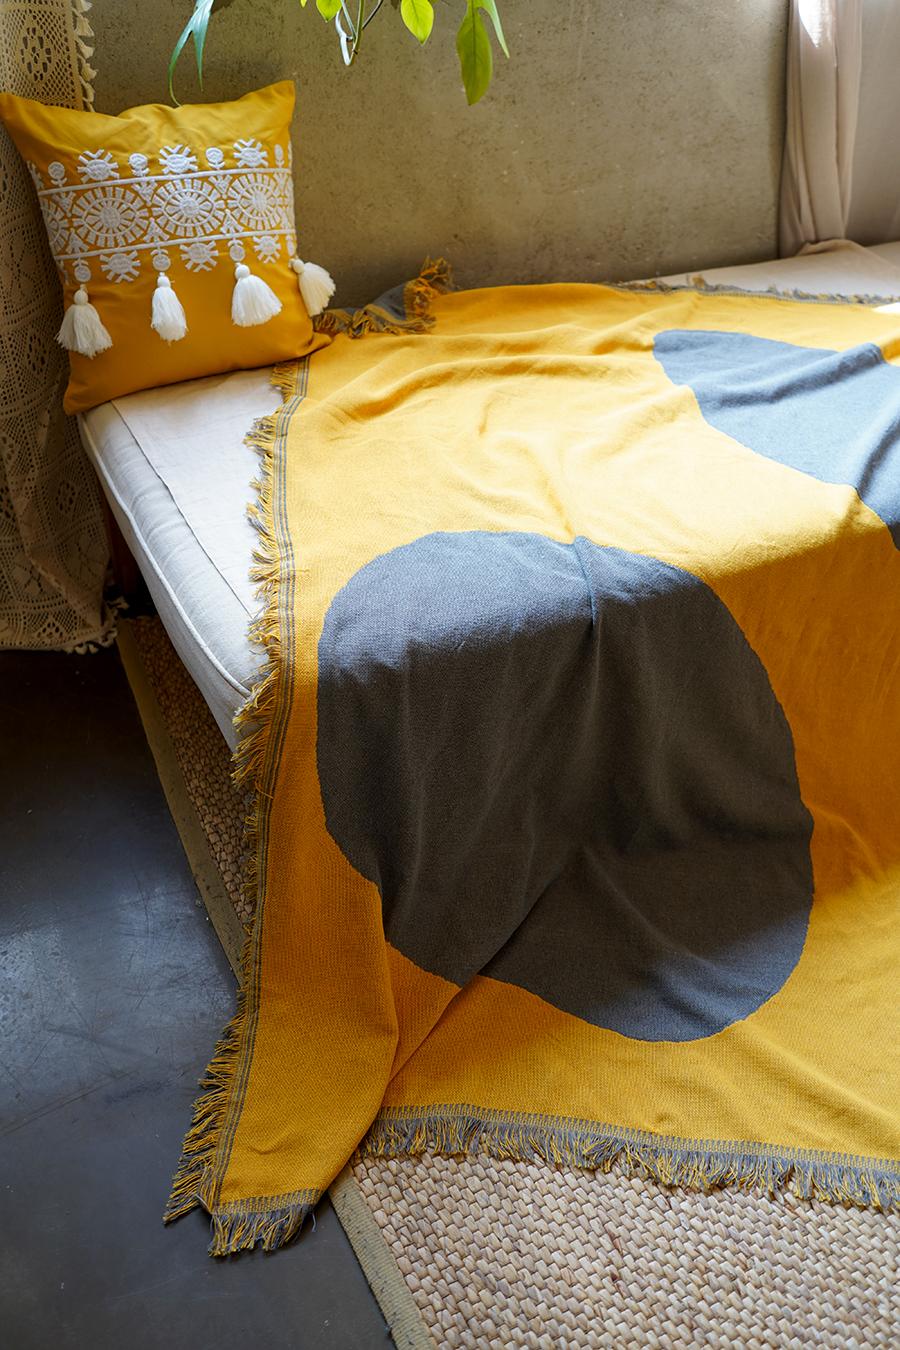 블랑쉬하우스(BLANCHE HOUSE) 블랑쉬 옐로우앤그레이 따로또함께 아트 블랭킷 빈티지 블랭킷 130x180